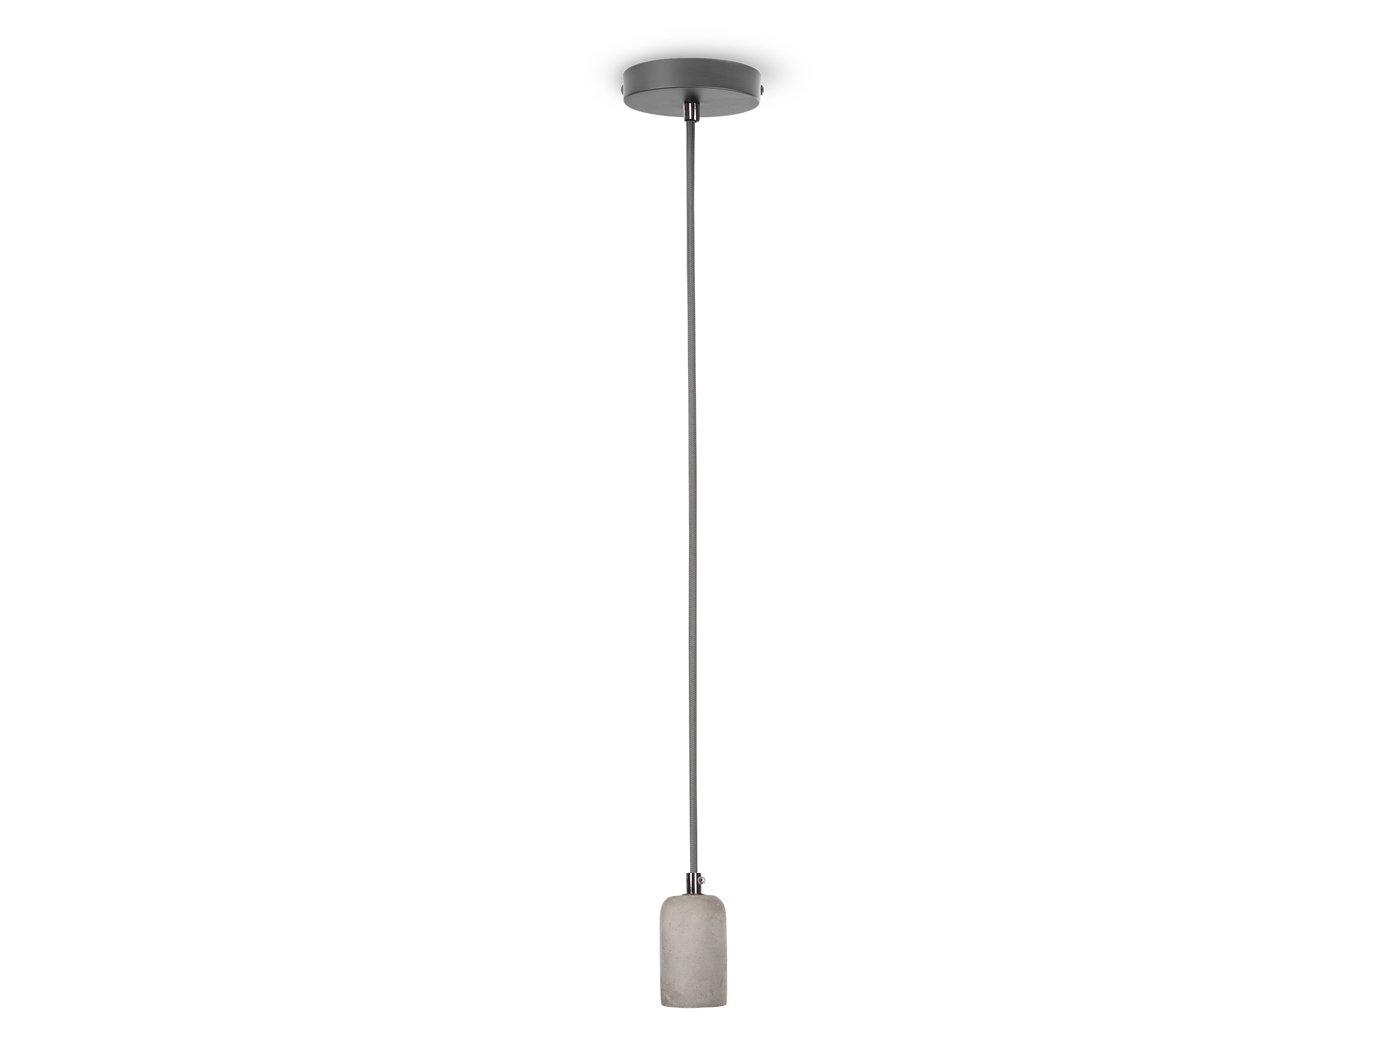 Hängelampe Vintage Schnurpendel aus Beton Stoff Kabel E27 Fassung Ø 7,8 cm